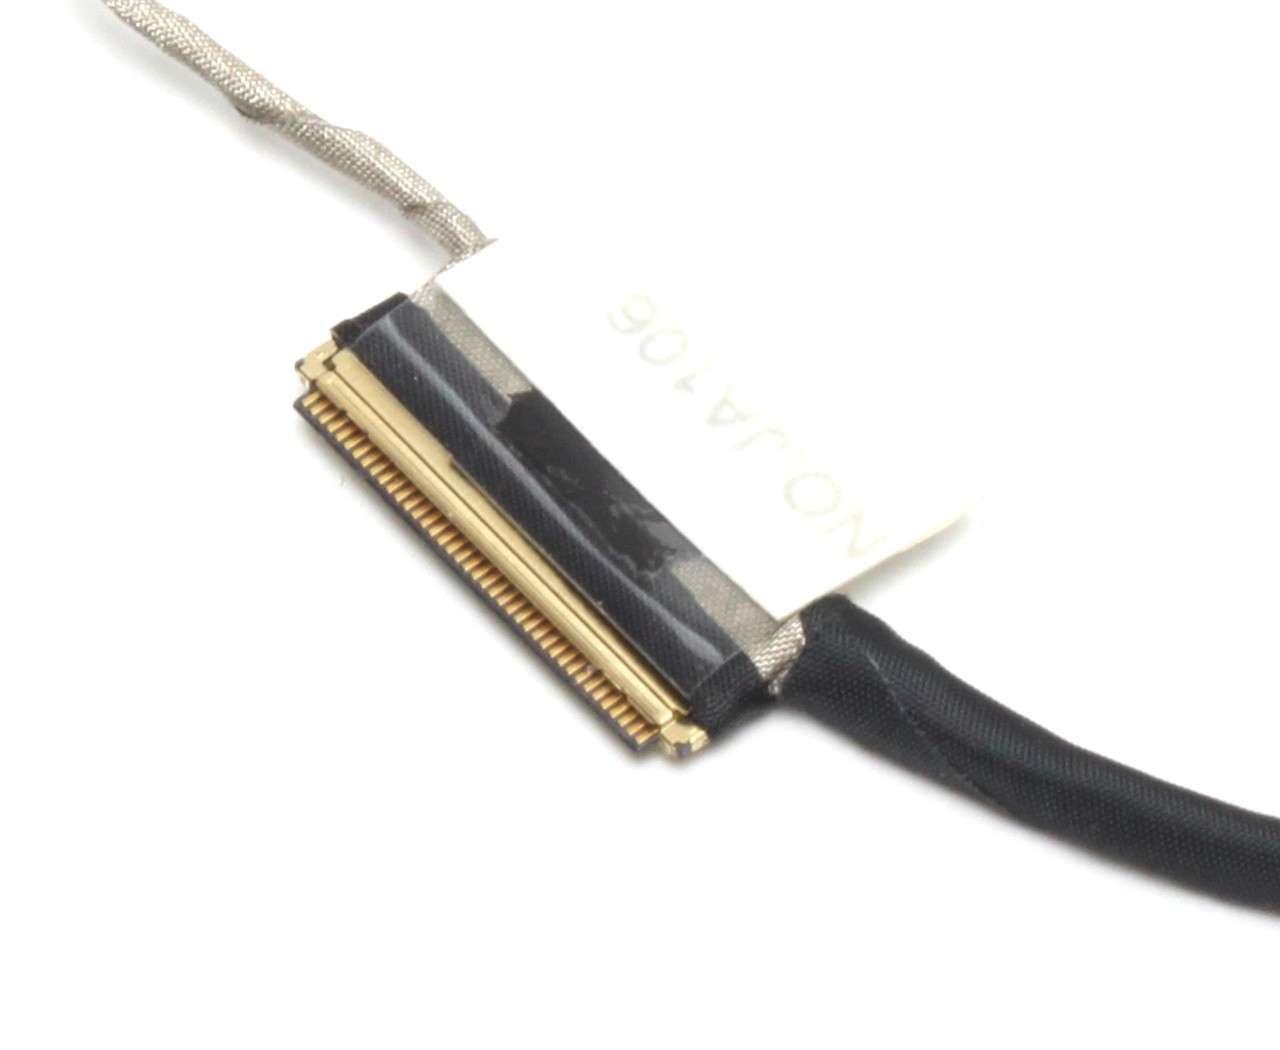 Cablu video LVDS Toshiba 1422 01EE000 Part Number 1422 01EE000 imagine powerlaptop.ro 2021